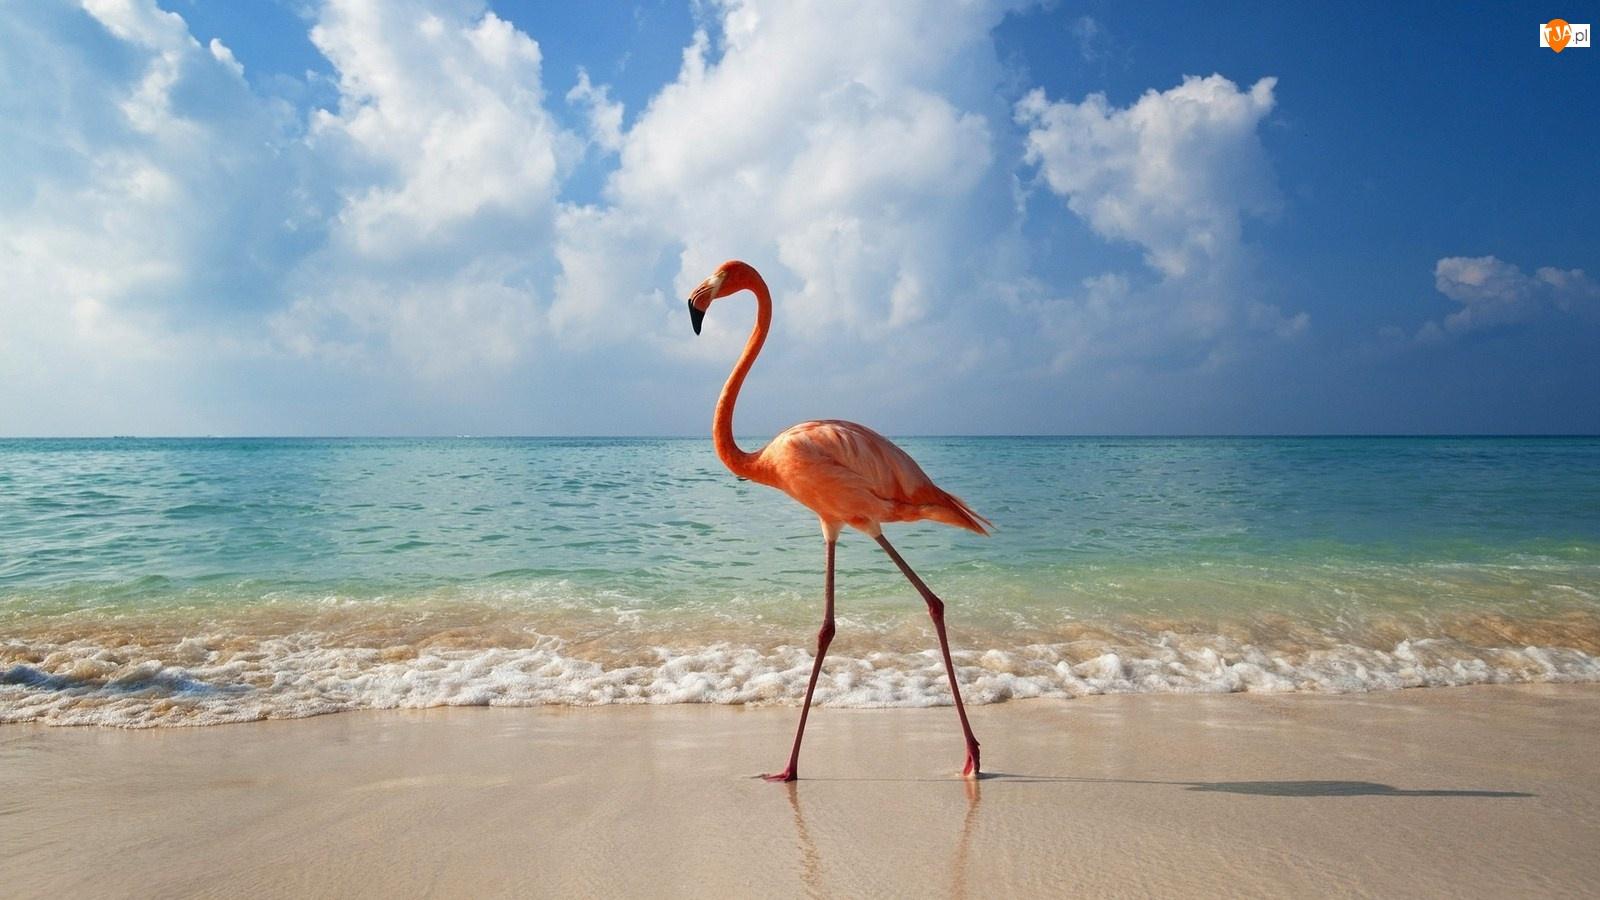 Morze, Flaming, Plaża